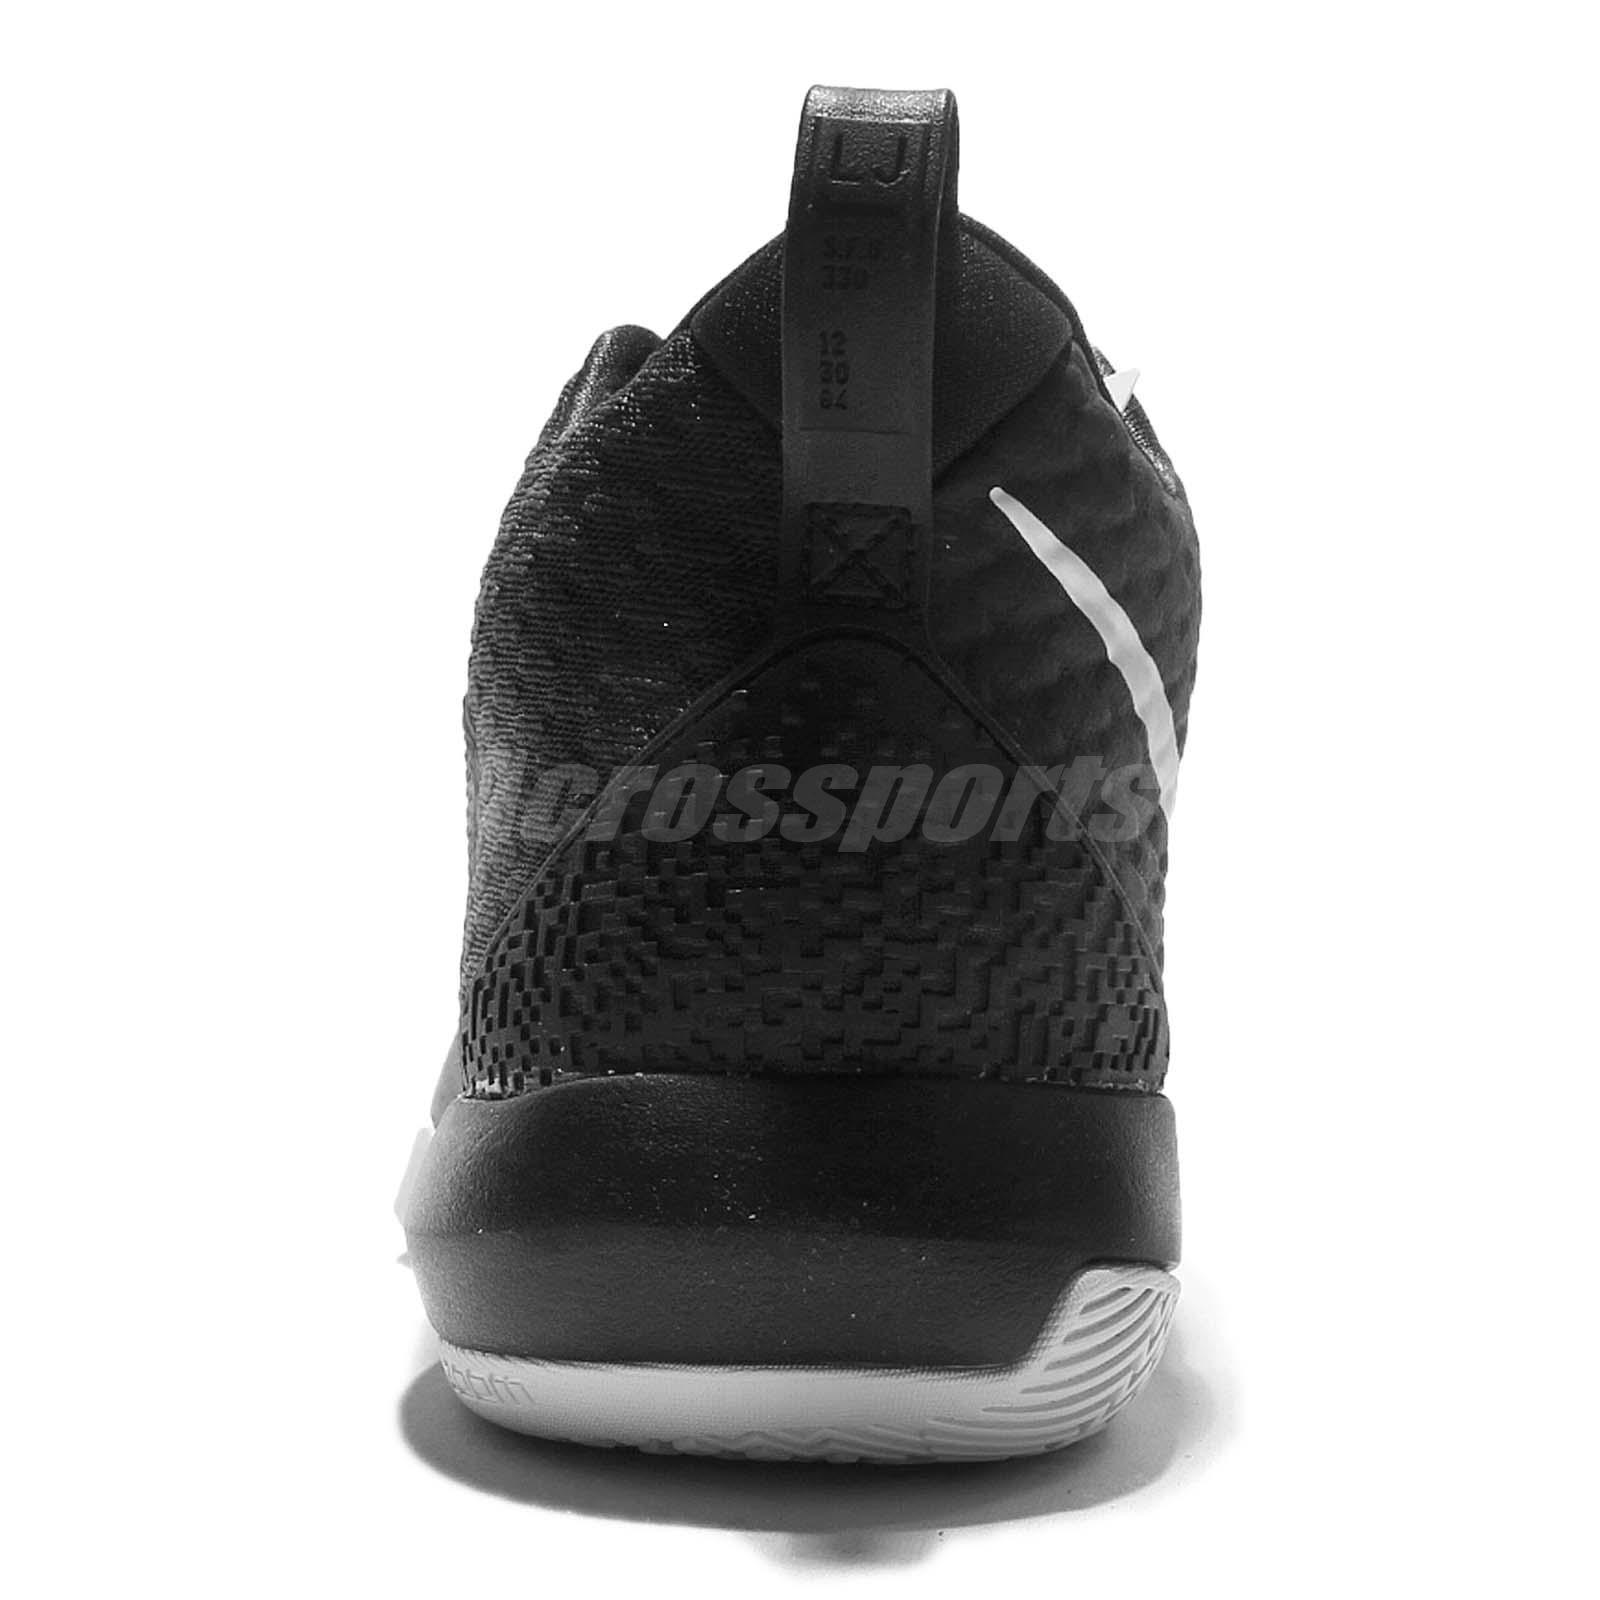 Black dress size 7 lebron